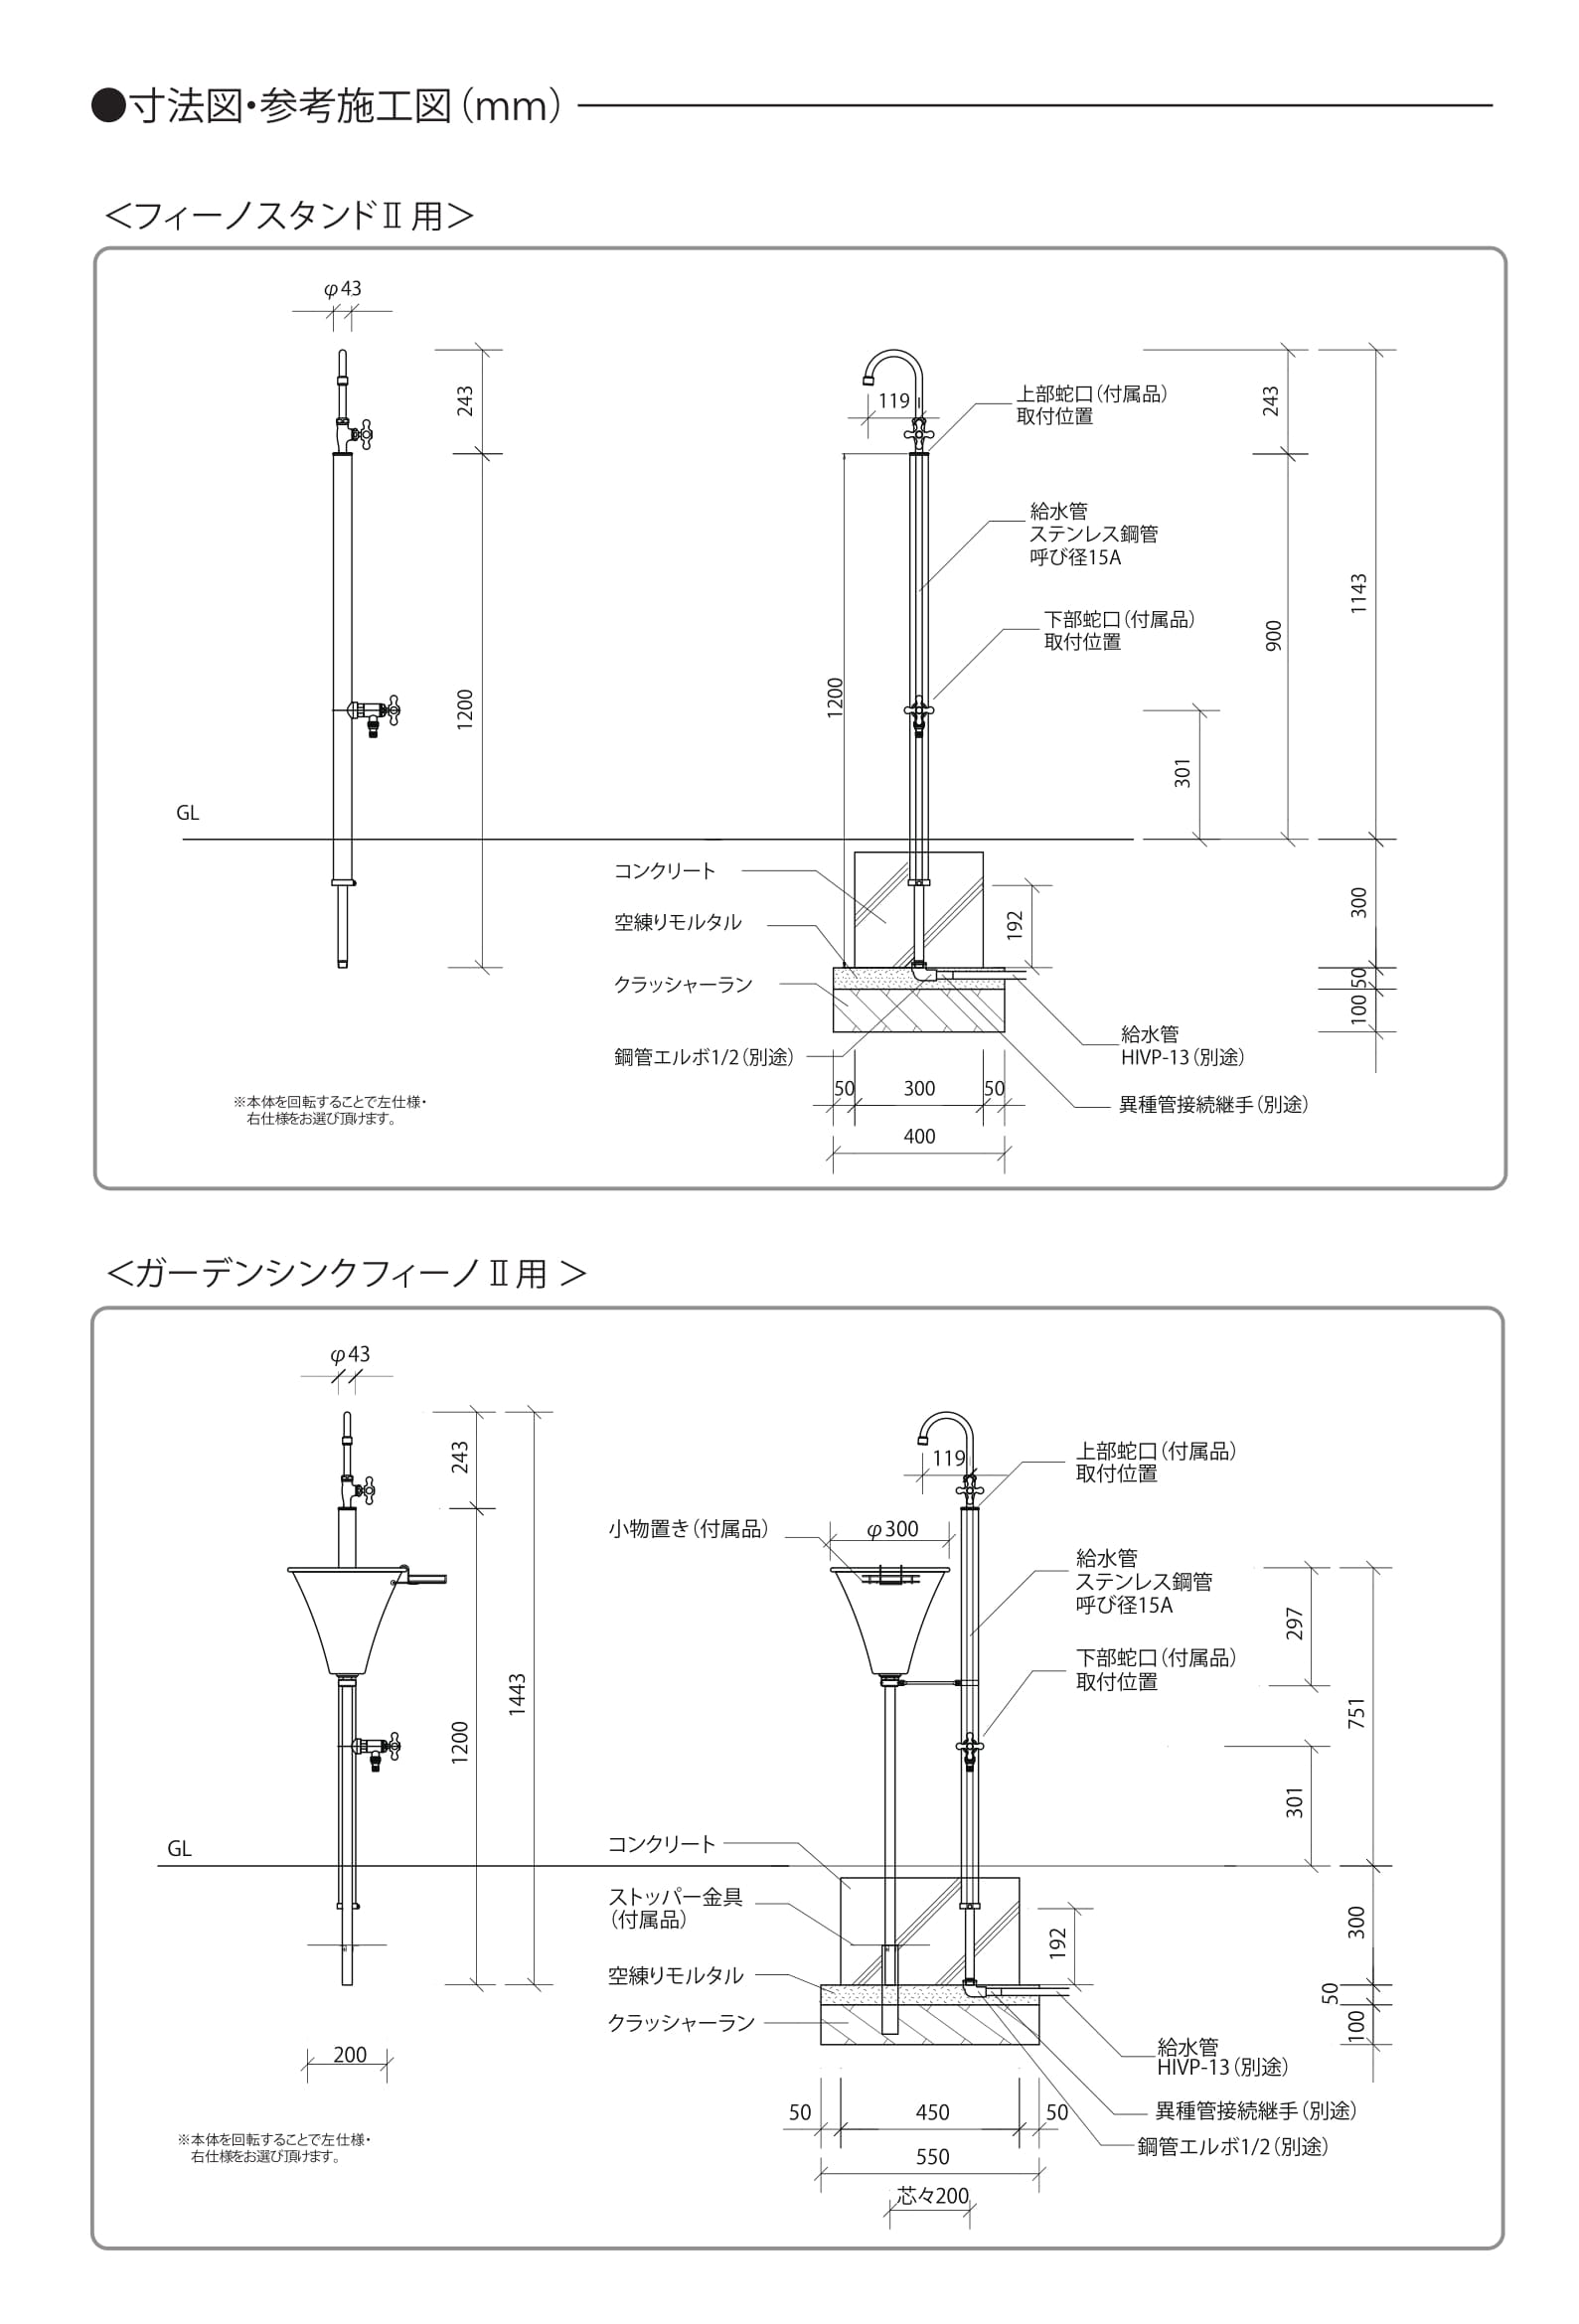 ガーデンシンクフィーノ2_取扱説明書-3